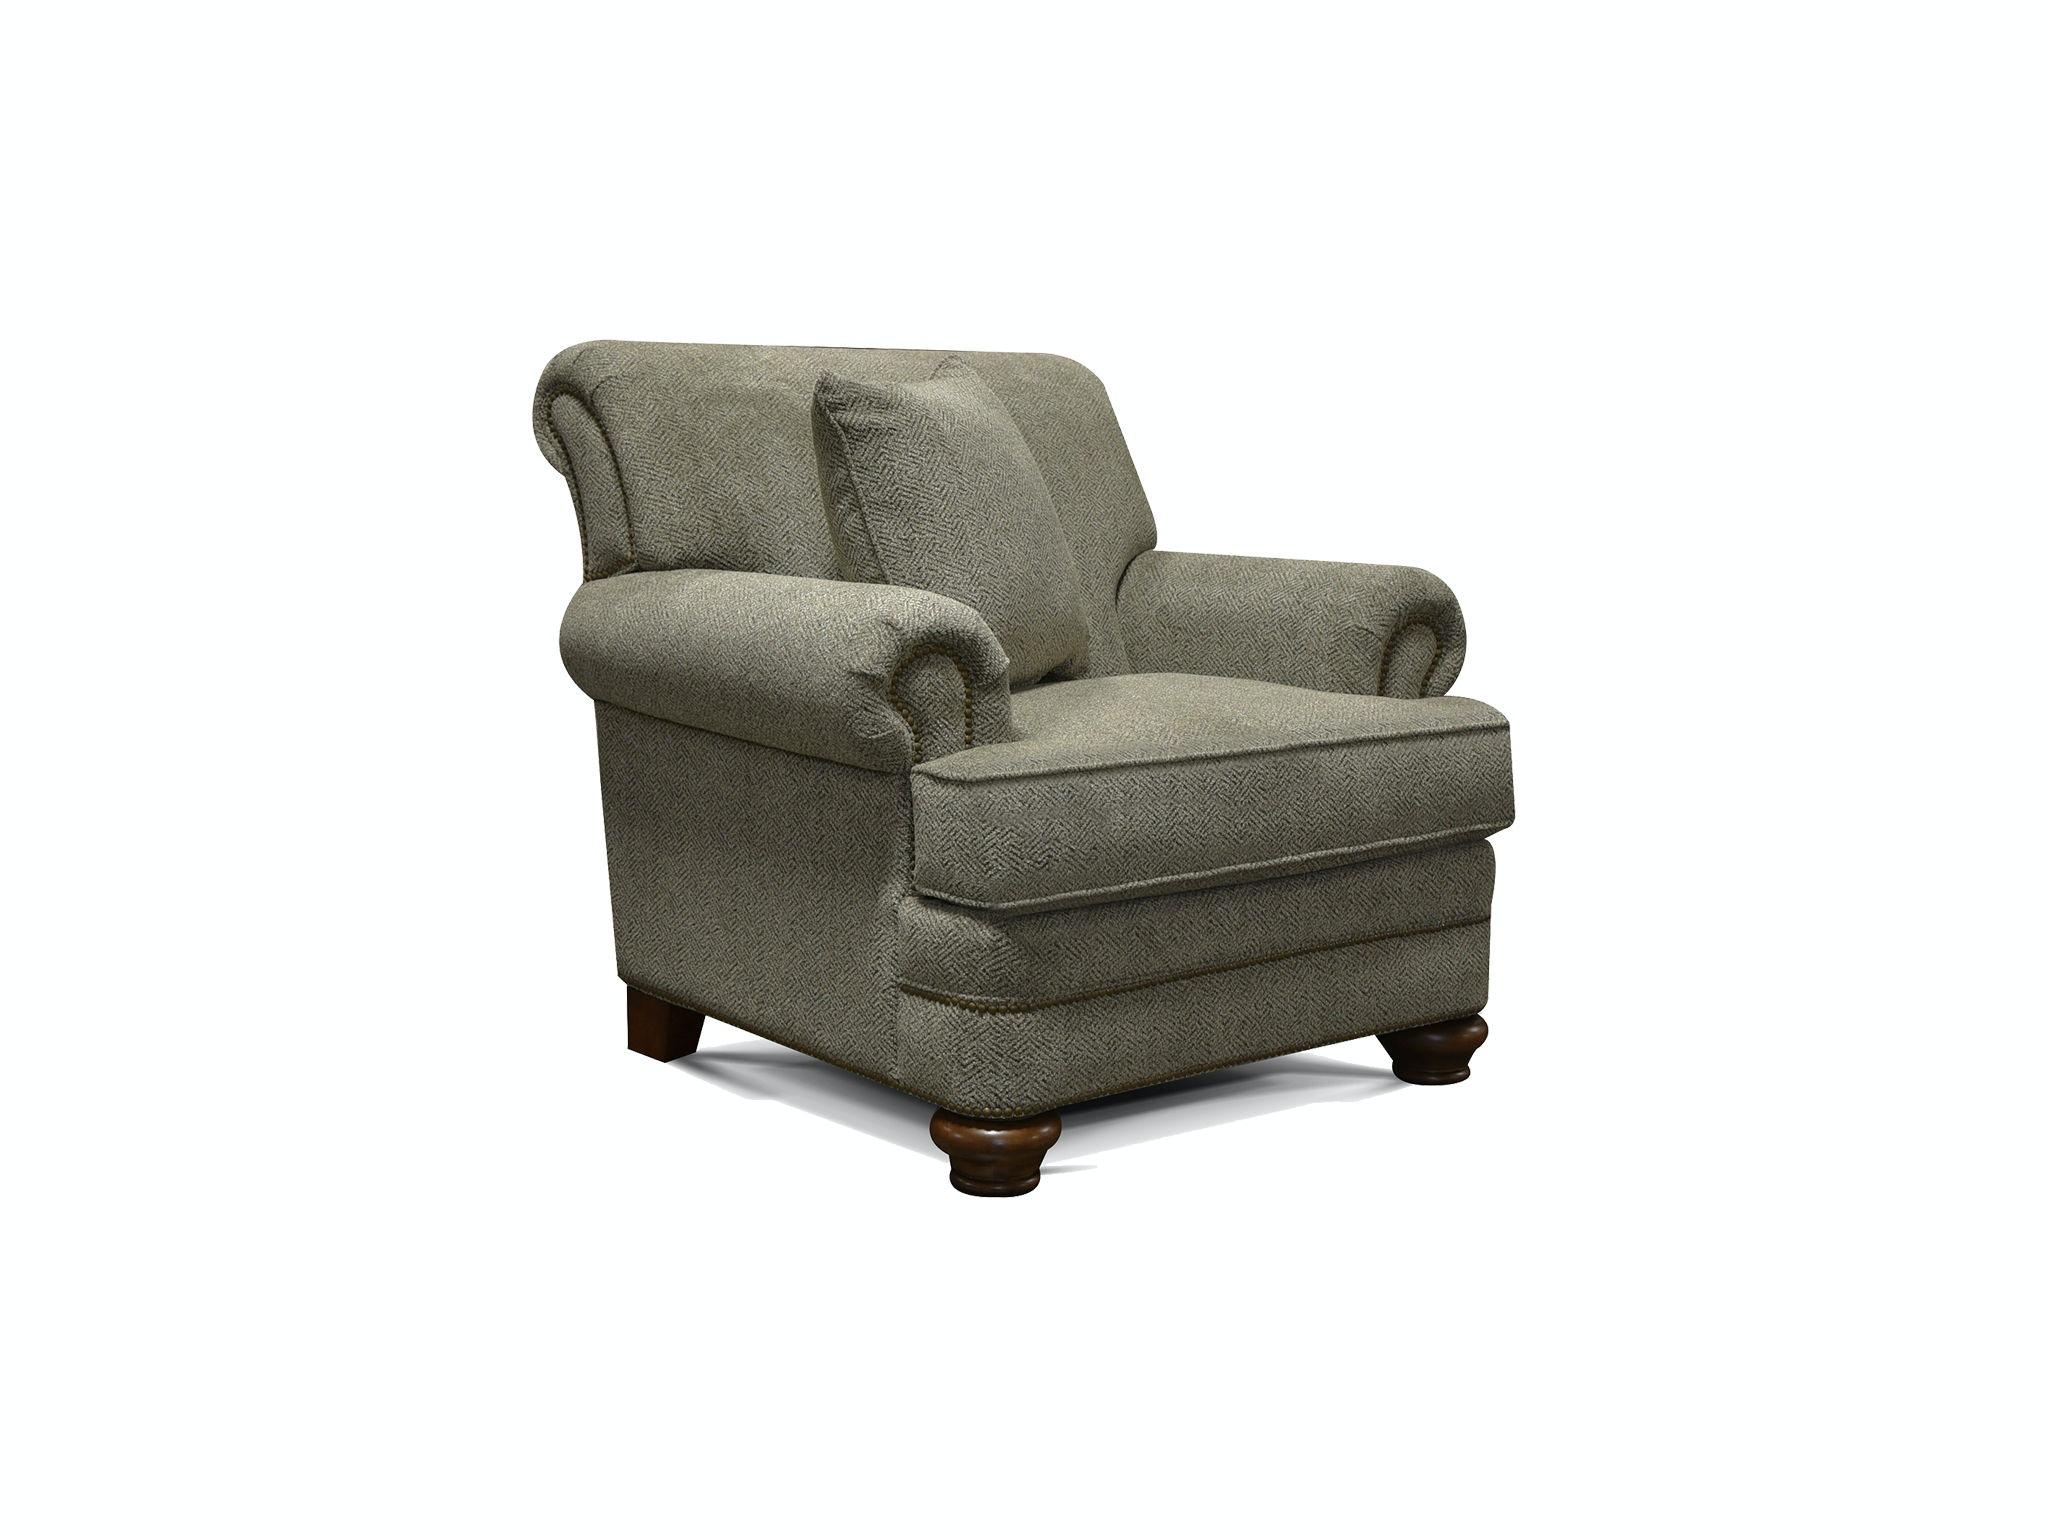 England Reed Chair 5Q04N